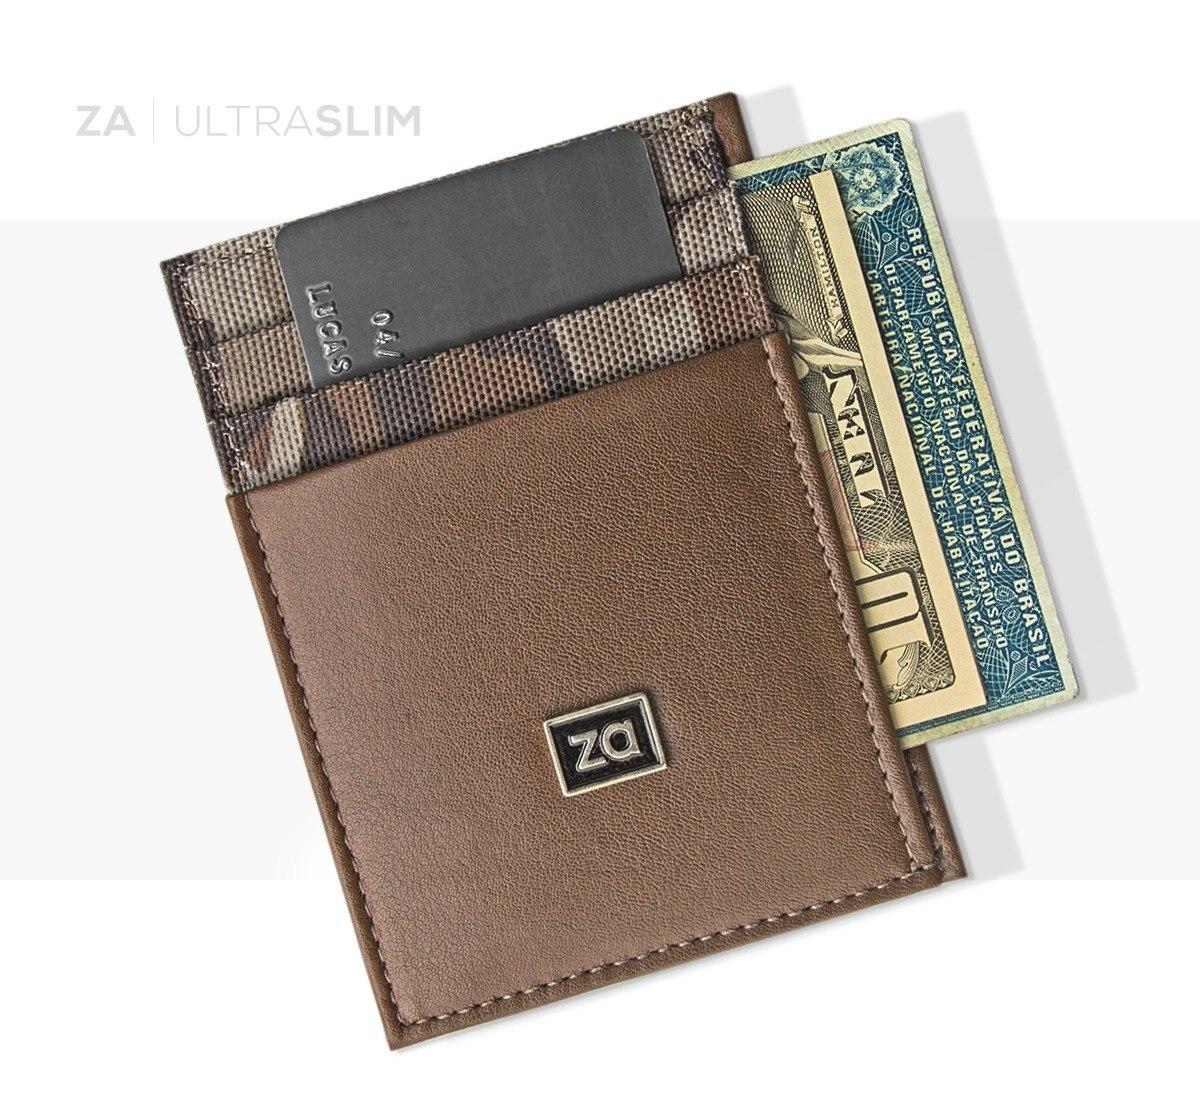 2b91dfcac carteira masculina ultra slim fina porta cartão camuflada. Carregando zoom.